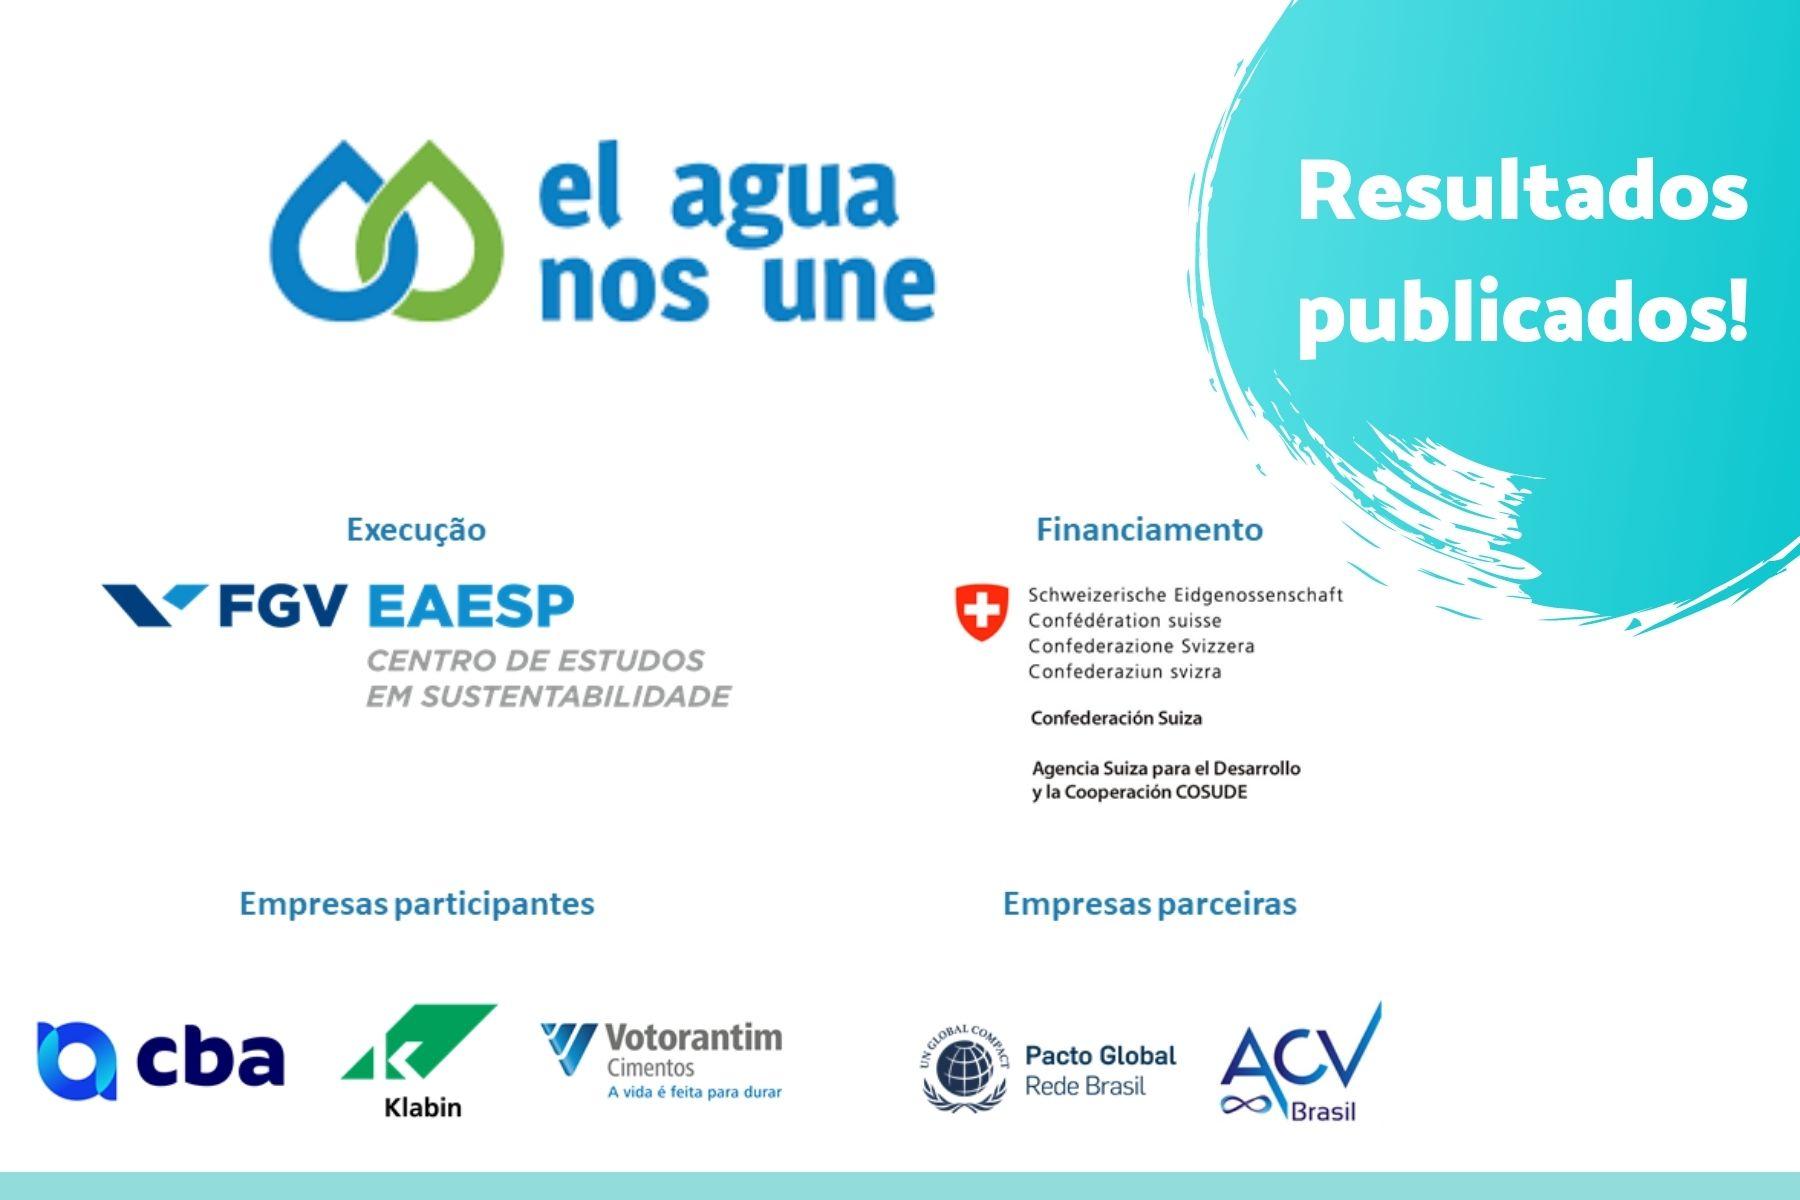 """Resultados da iniciativa """"El Agua nos Une"""", com apoio da ACV Brasil"""